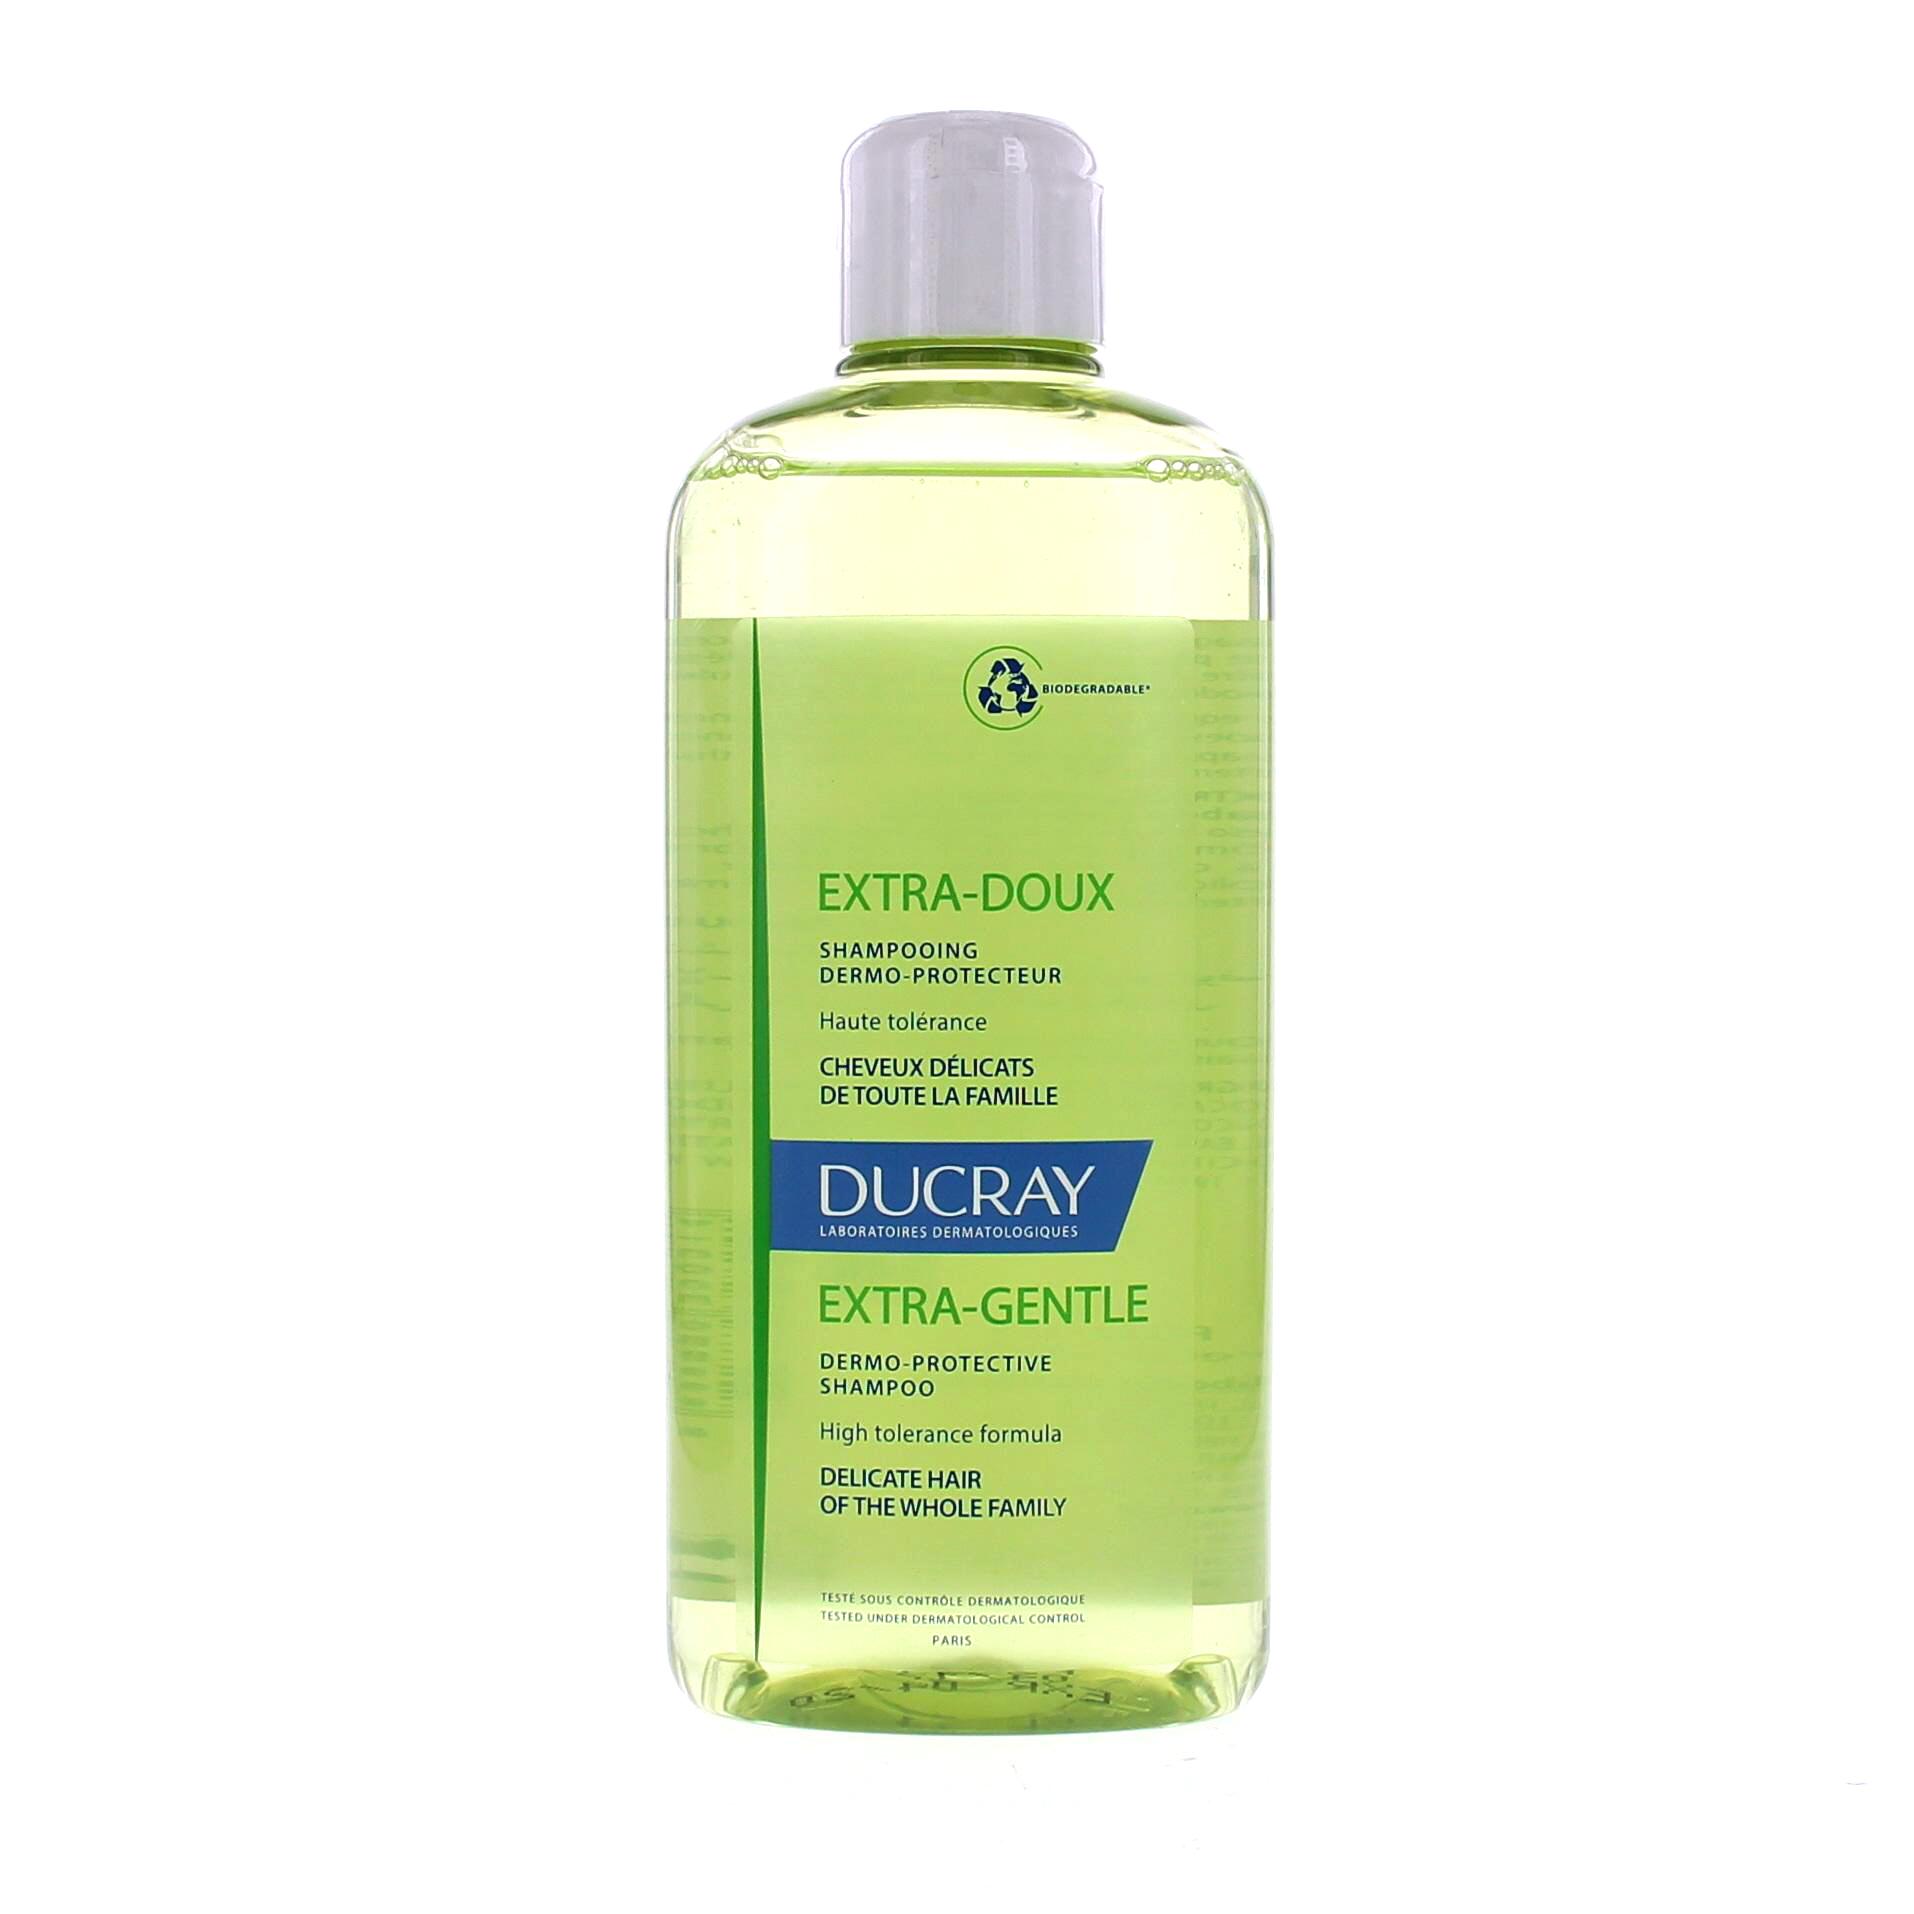 ducray shampooing extra doux flacon 400ml sans pompe parapharmacie en ligne prado mermoz